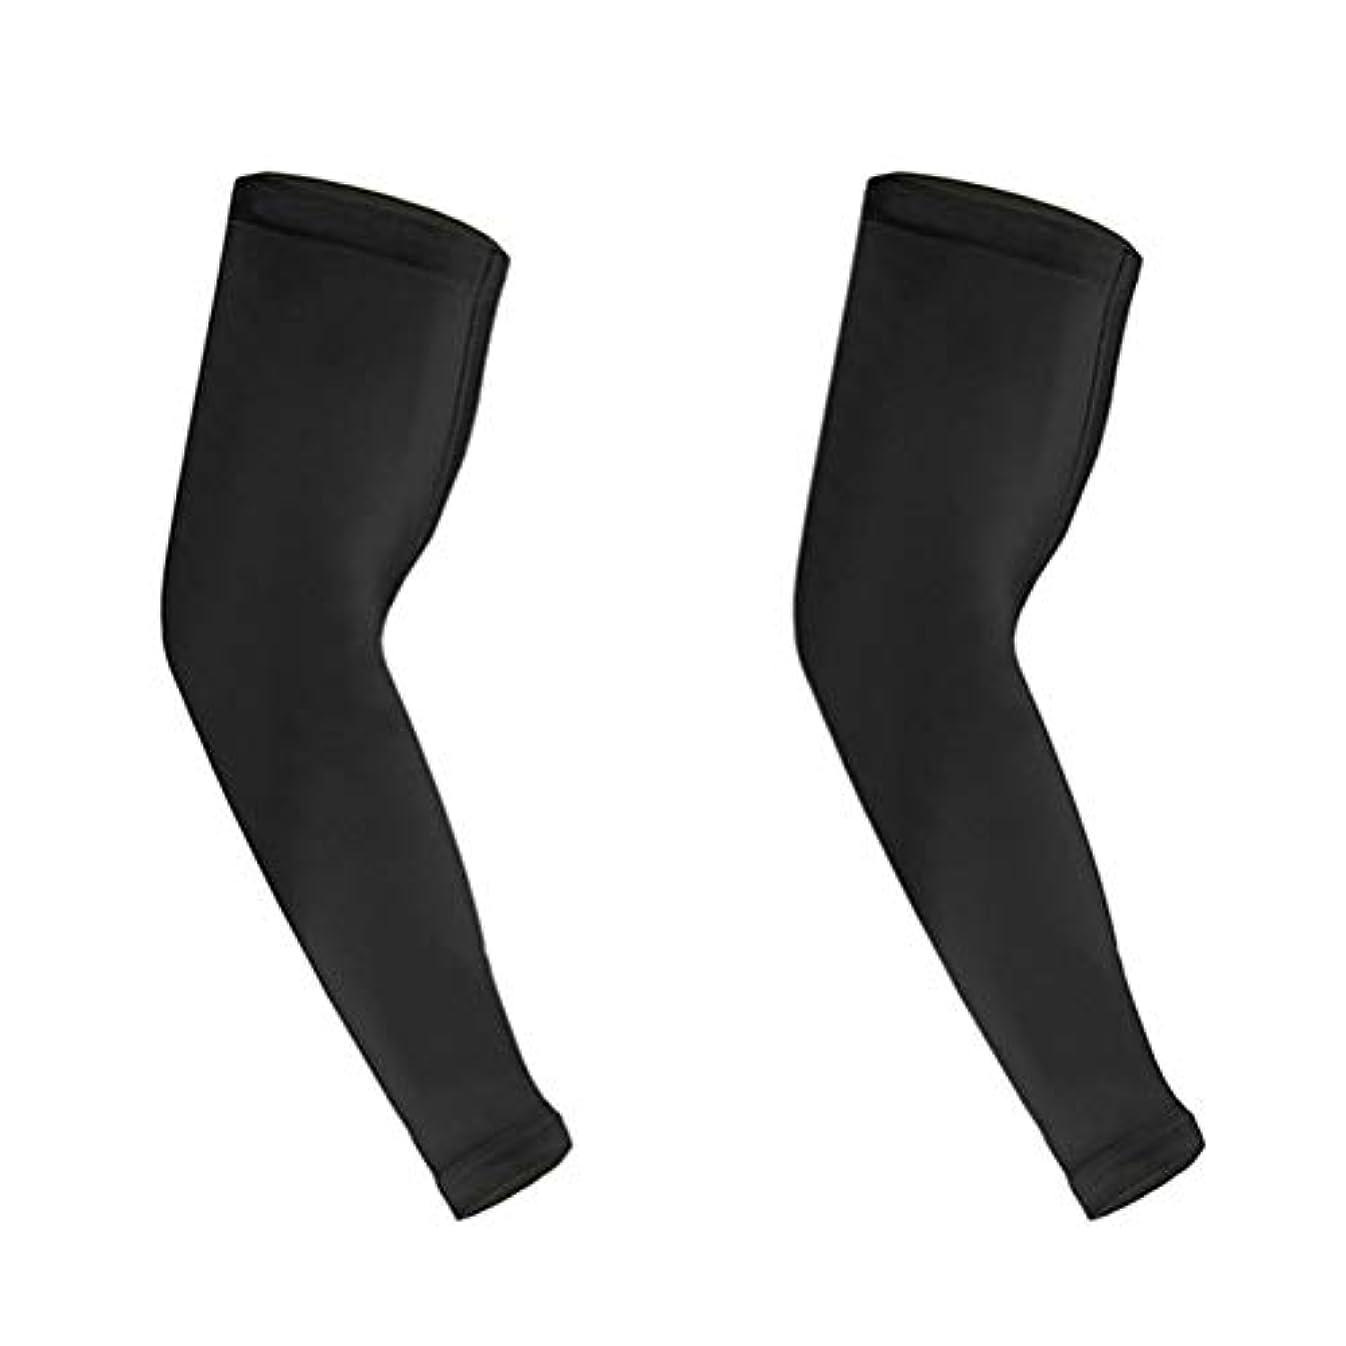 気性剛性大胆なHEALIFTY 男性用スポーツアームスリーブ肘袖ロング肘サポートスリーブM 2本(ブラック)